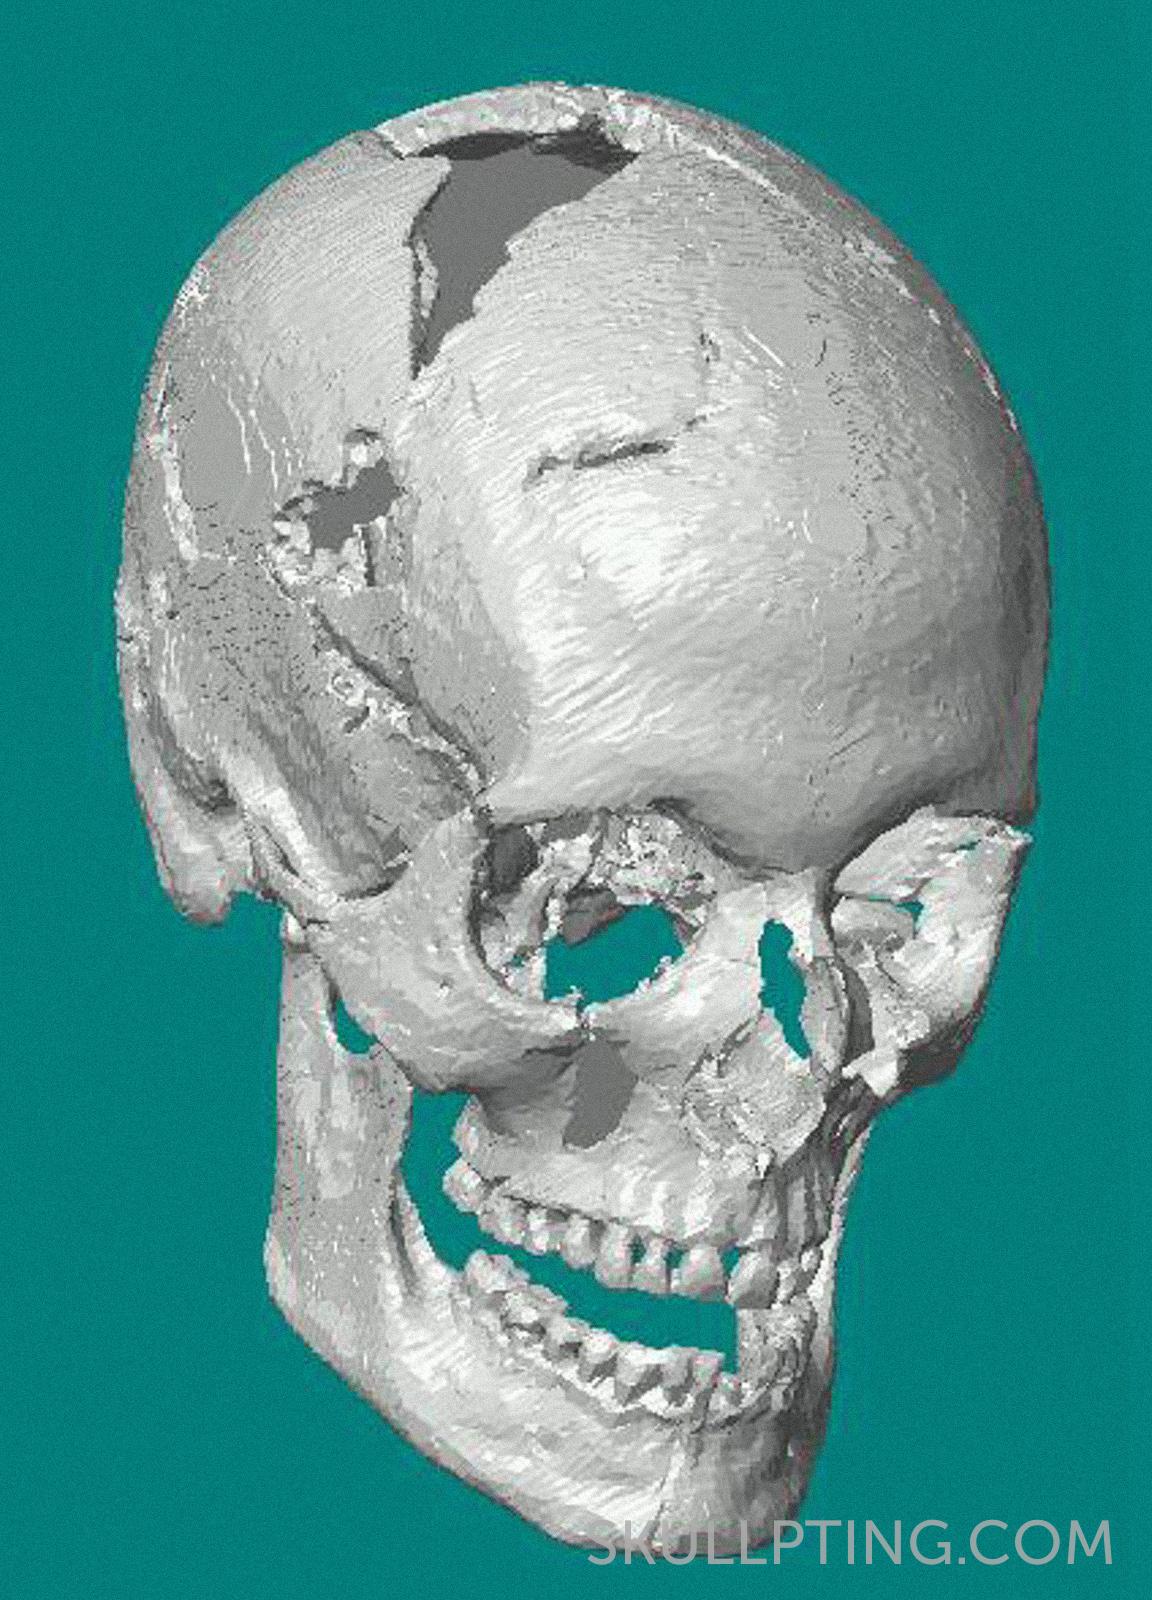 De virtuele schedel na het CT-scannen.